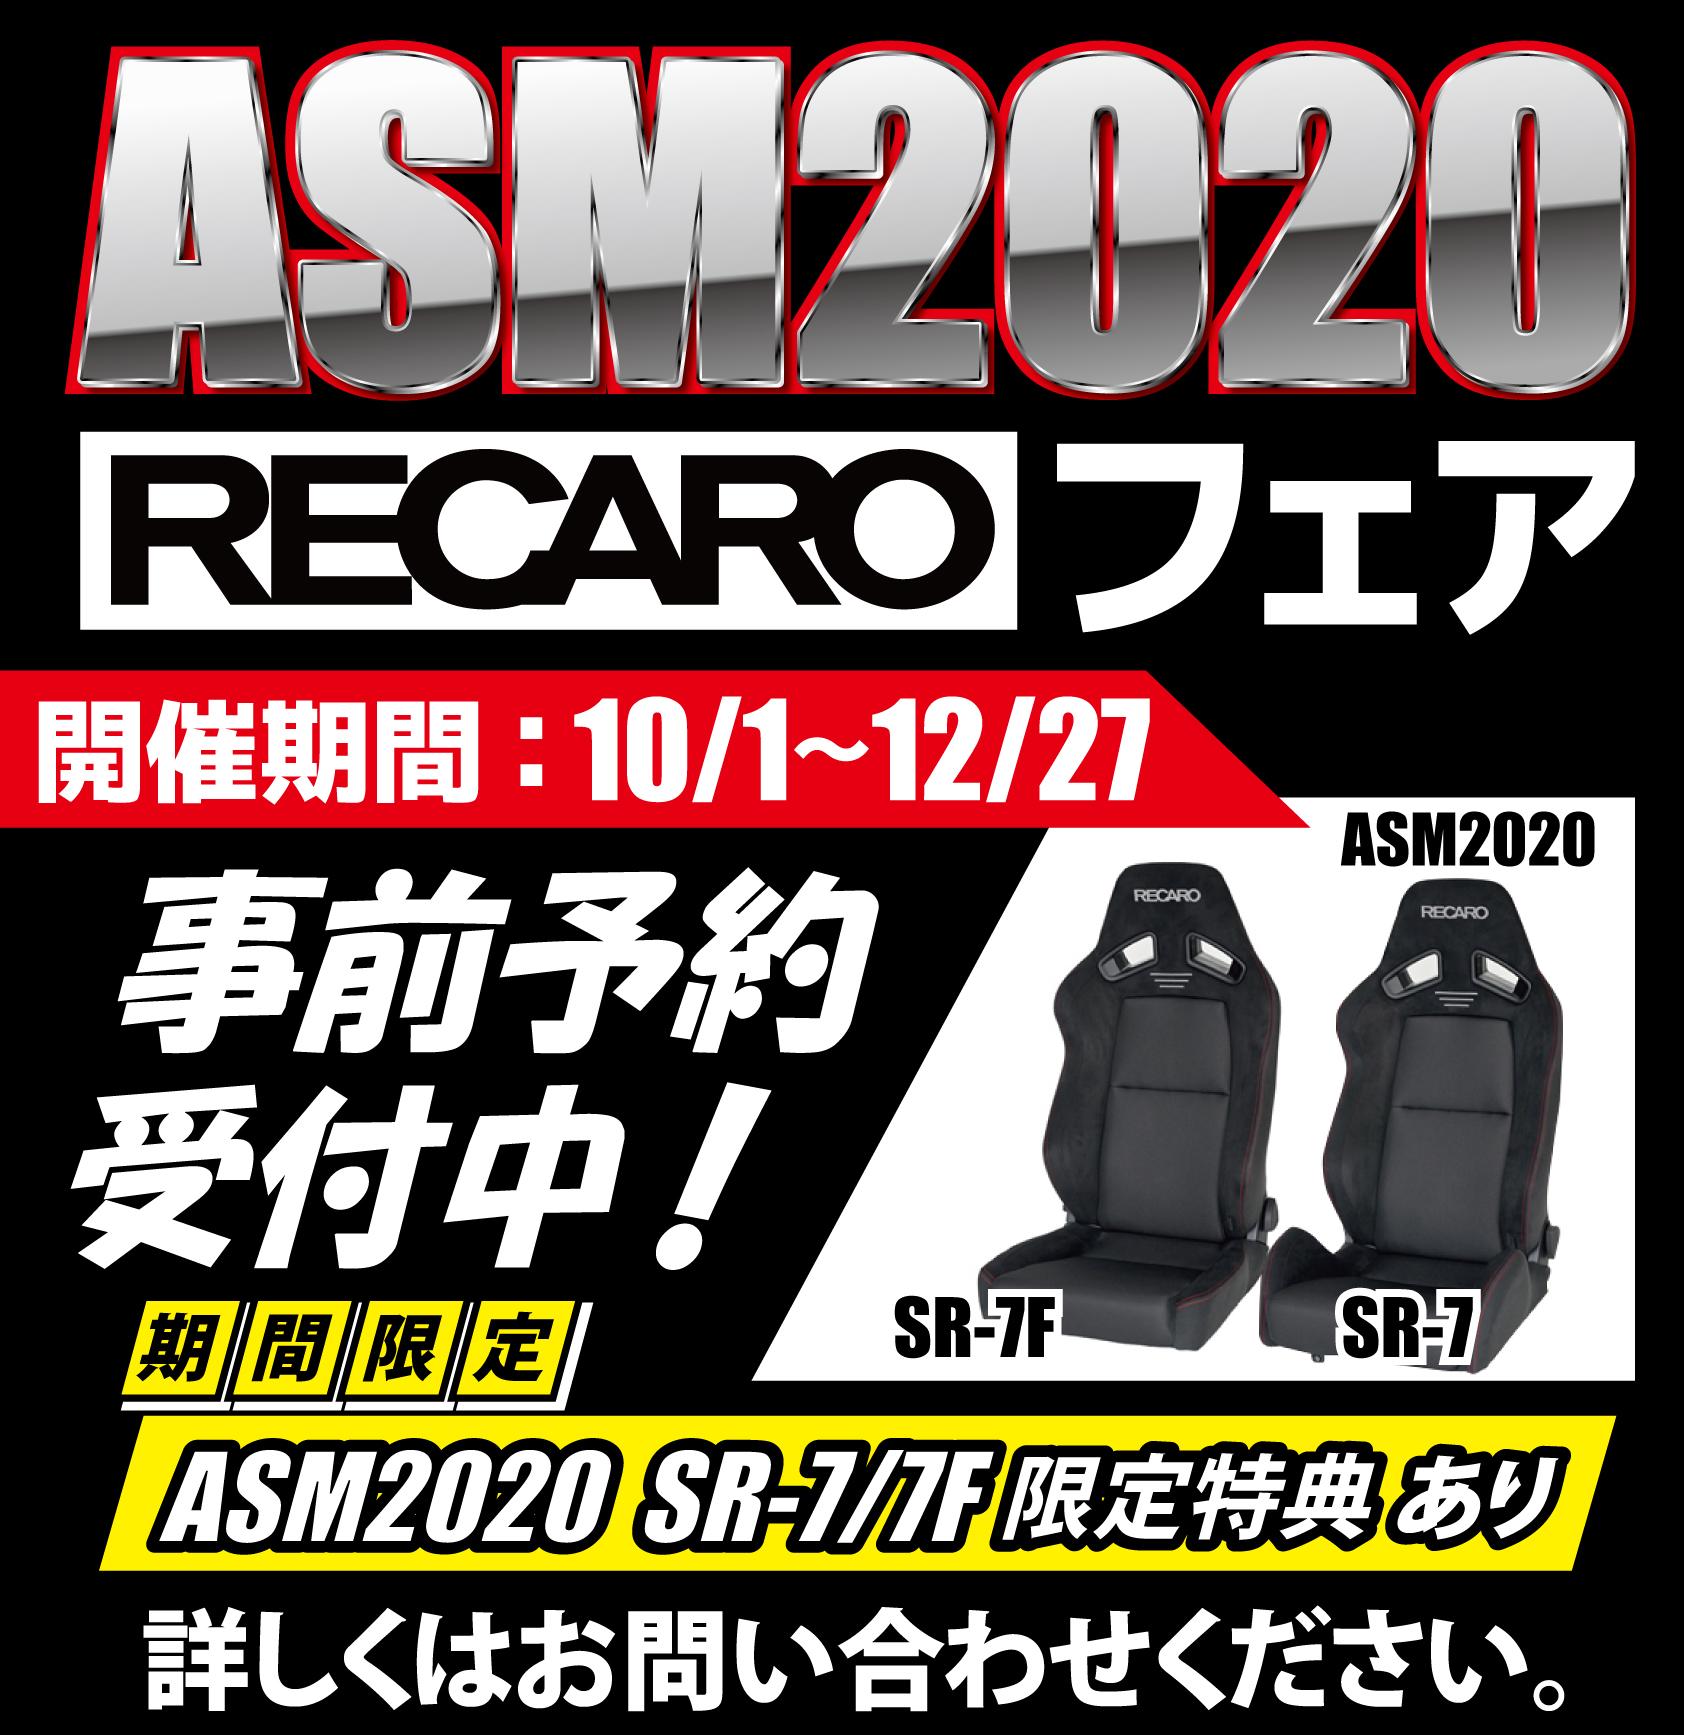 【イベント情報】10月1日~12月27日RECARO ASM2020フェア開催!